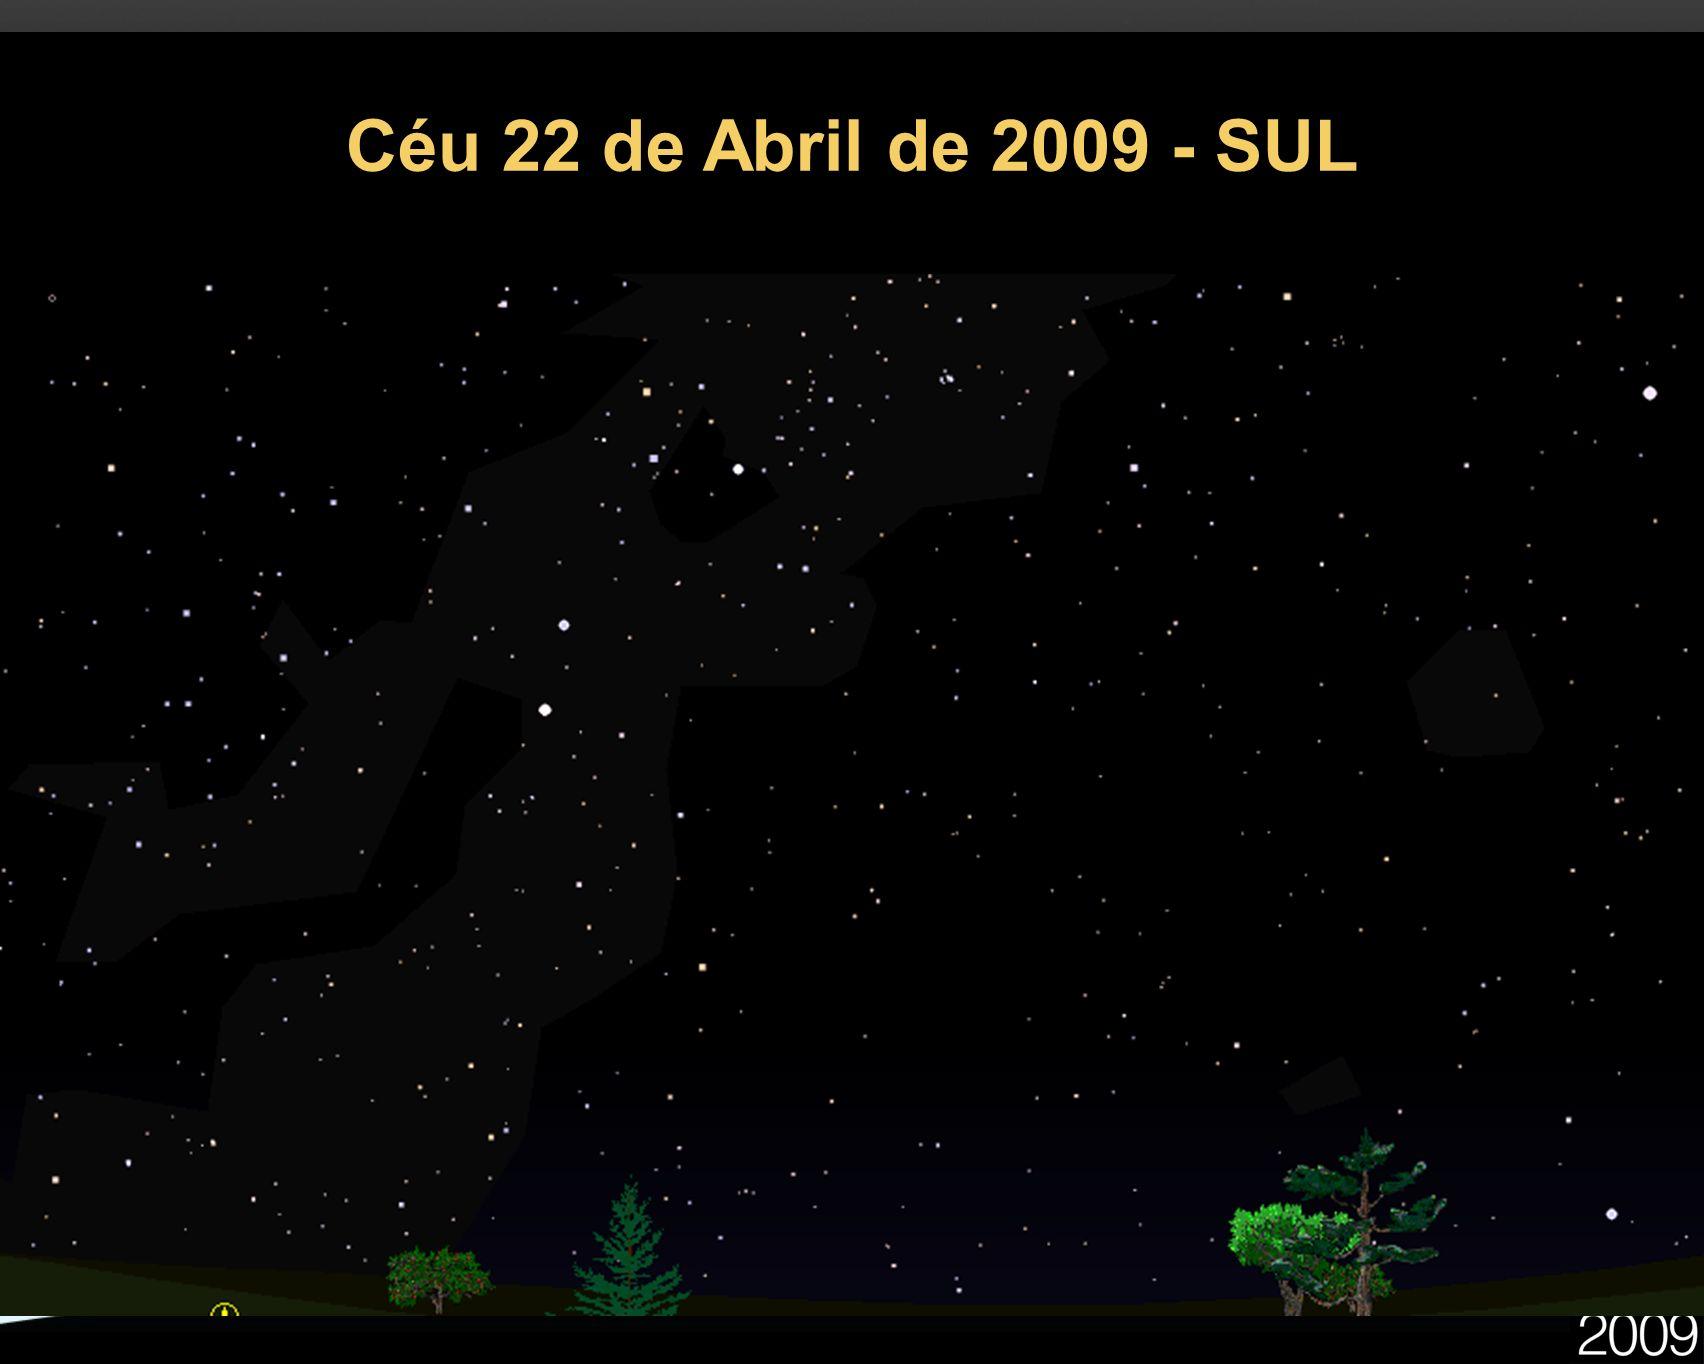 Céu 22 de Abril de 2009 - SUL